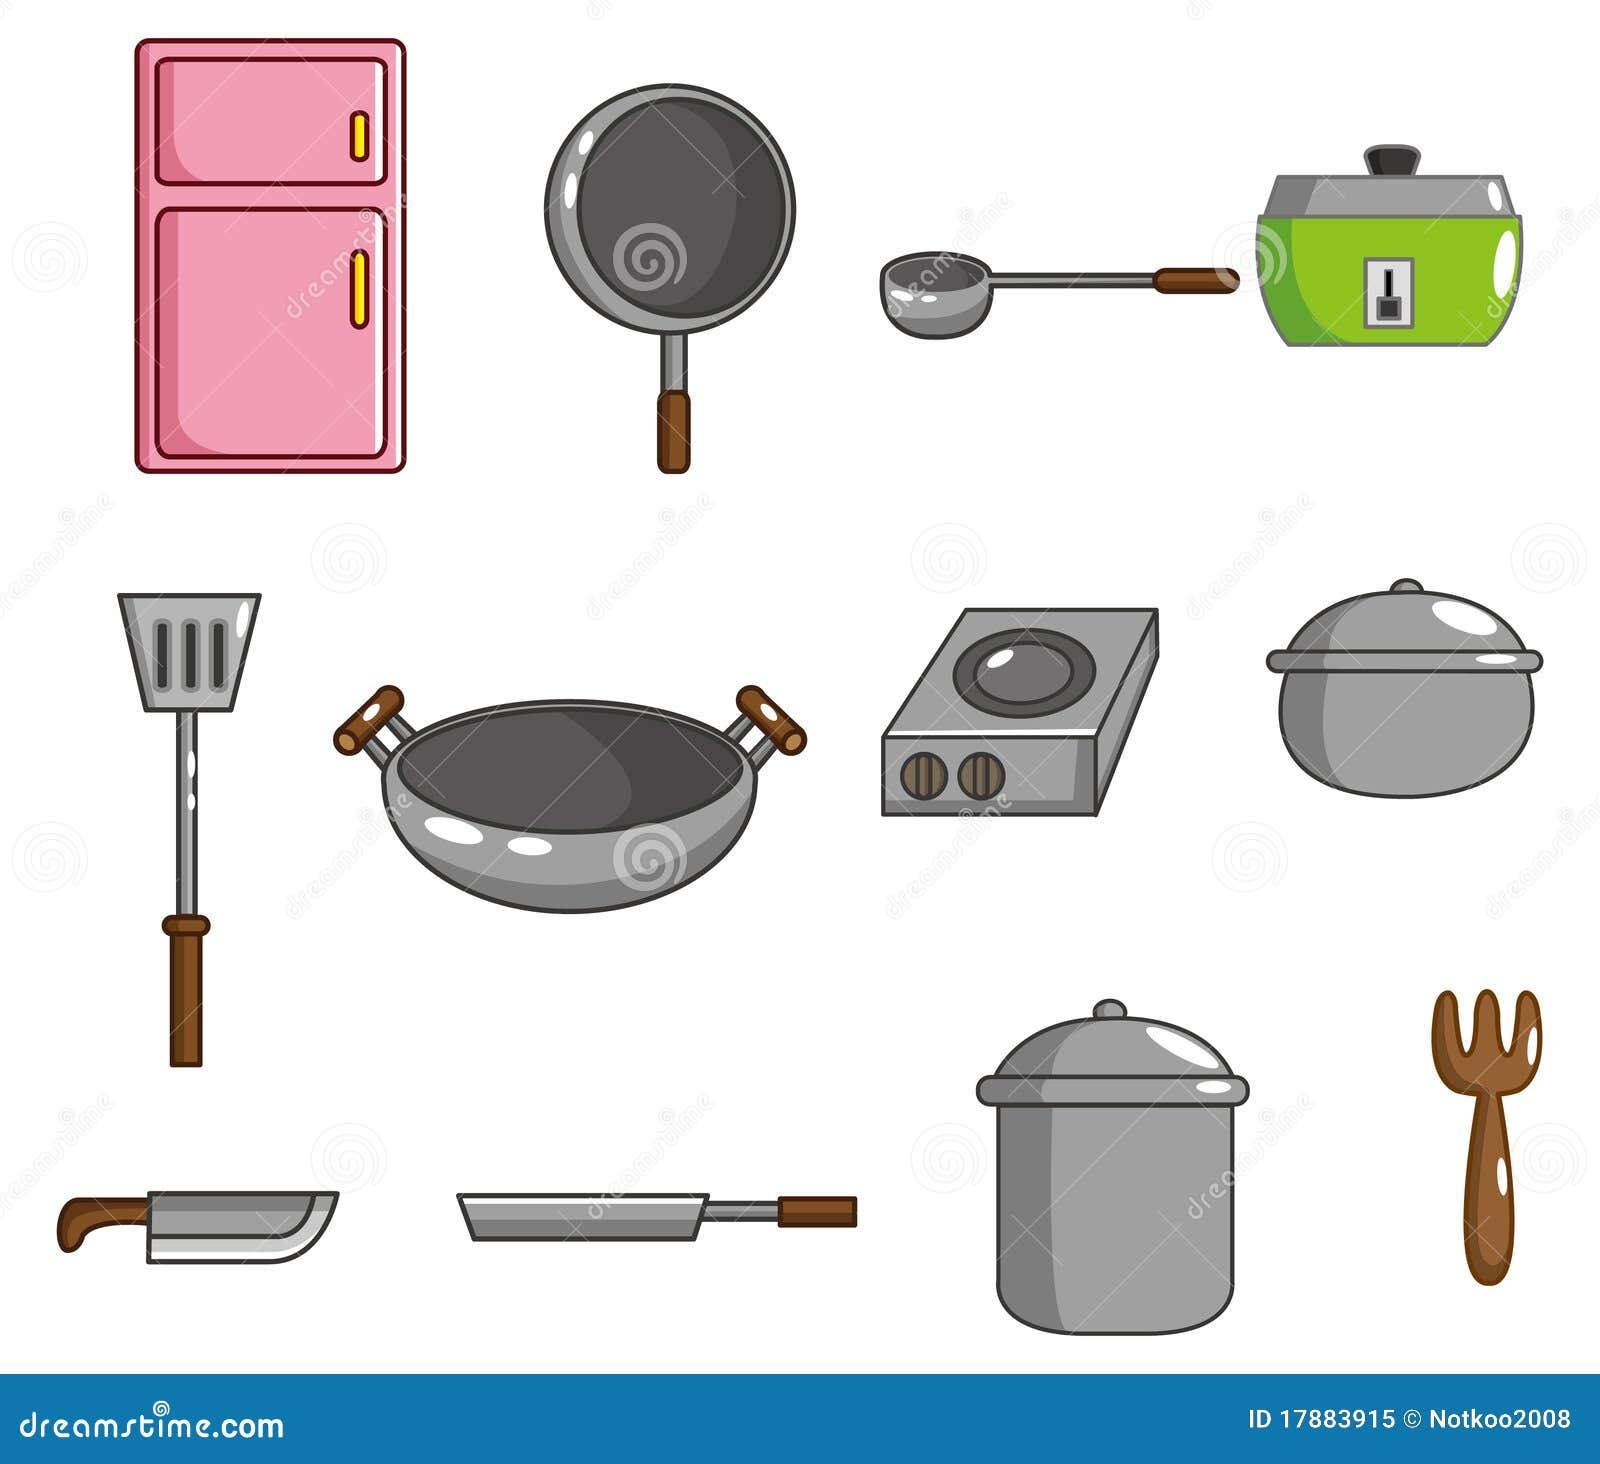 Free Online 3d Kitchen Design Tool: Cartoon Kitchen Tool Icon Royalty Free Stock Photo